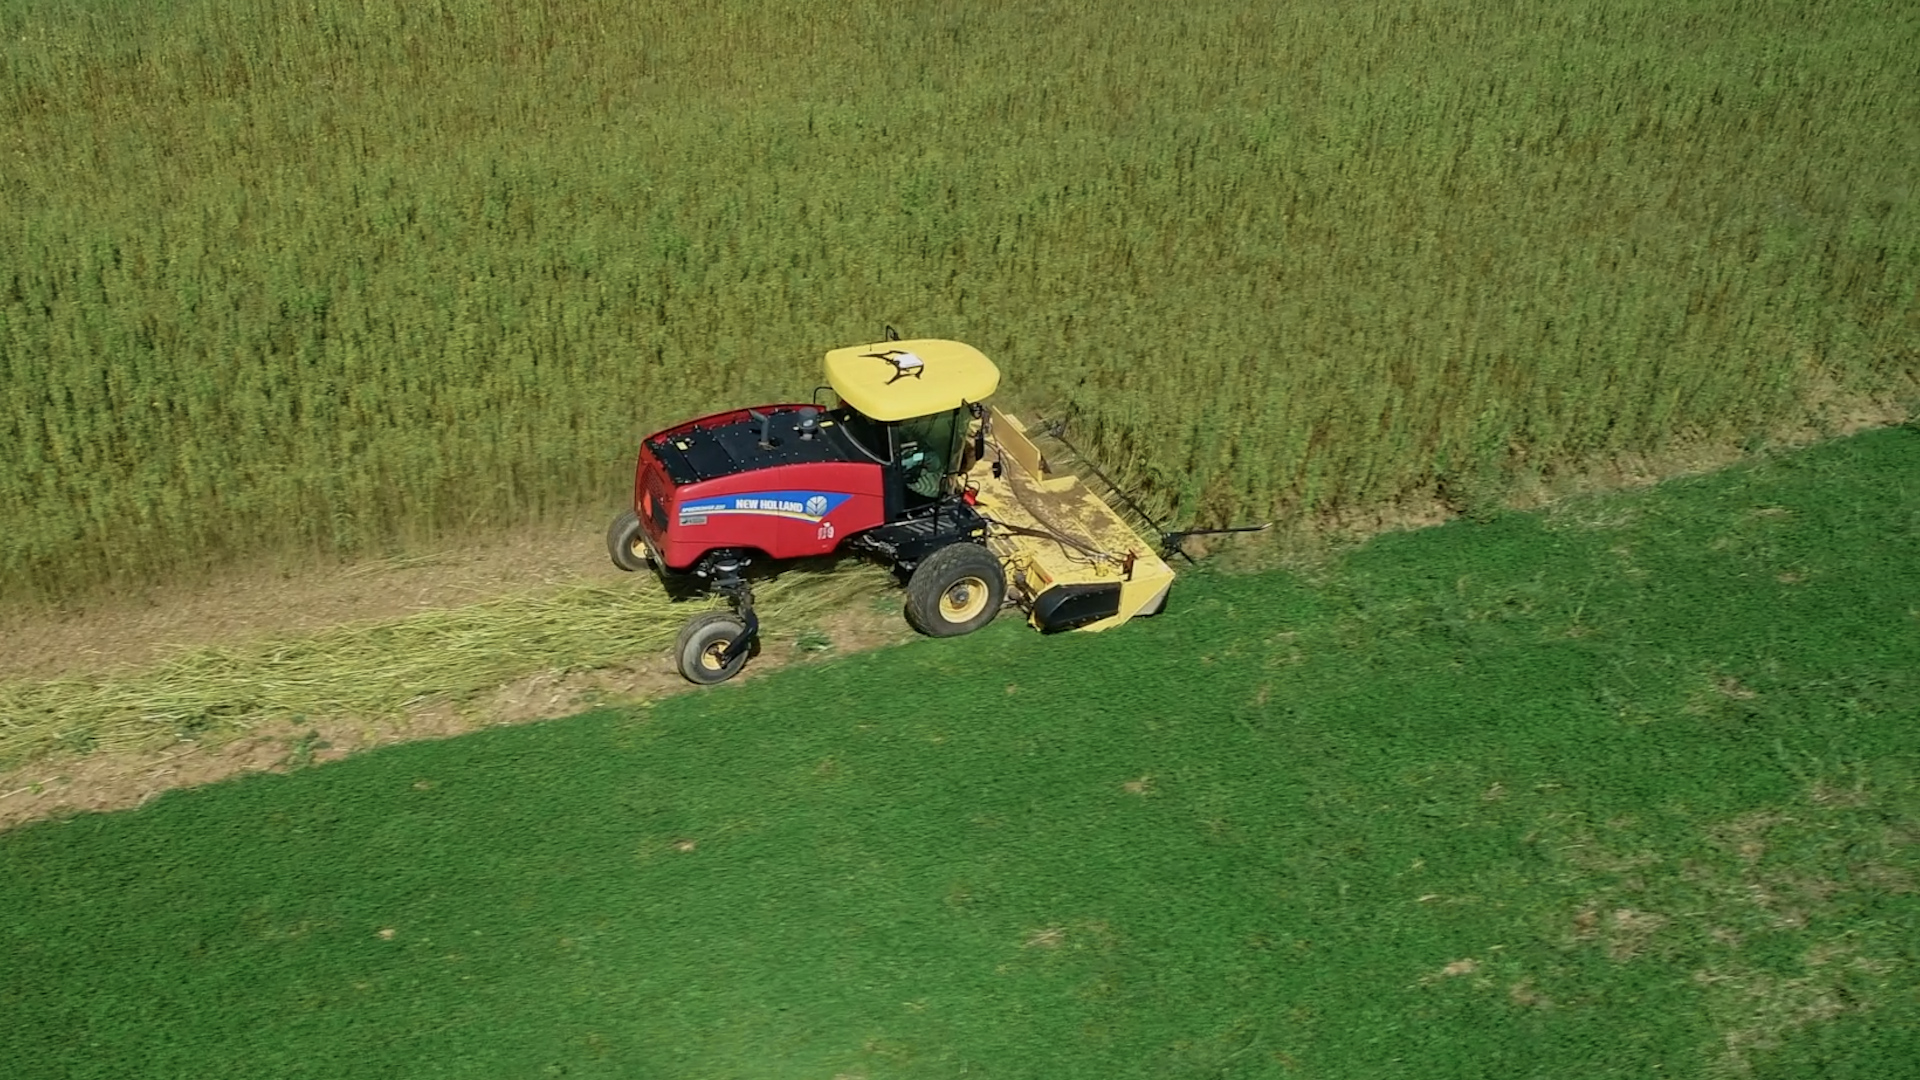 Behind_The_Wheel_Industrial_hemp_harvest_in_North_America